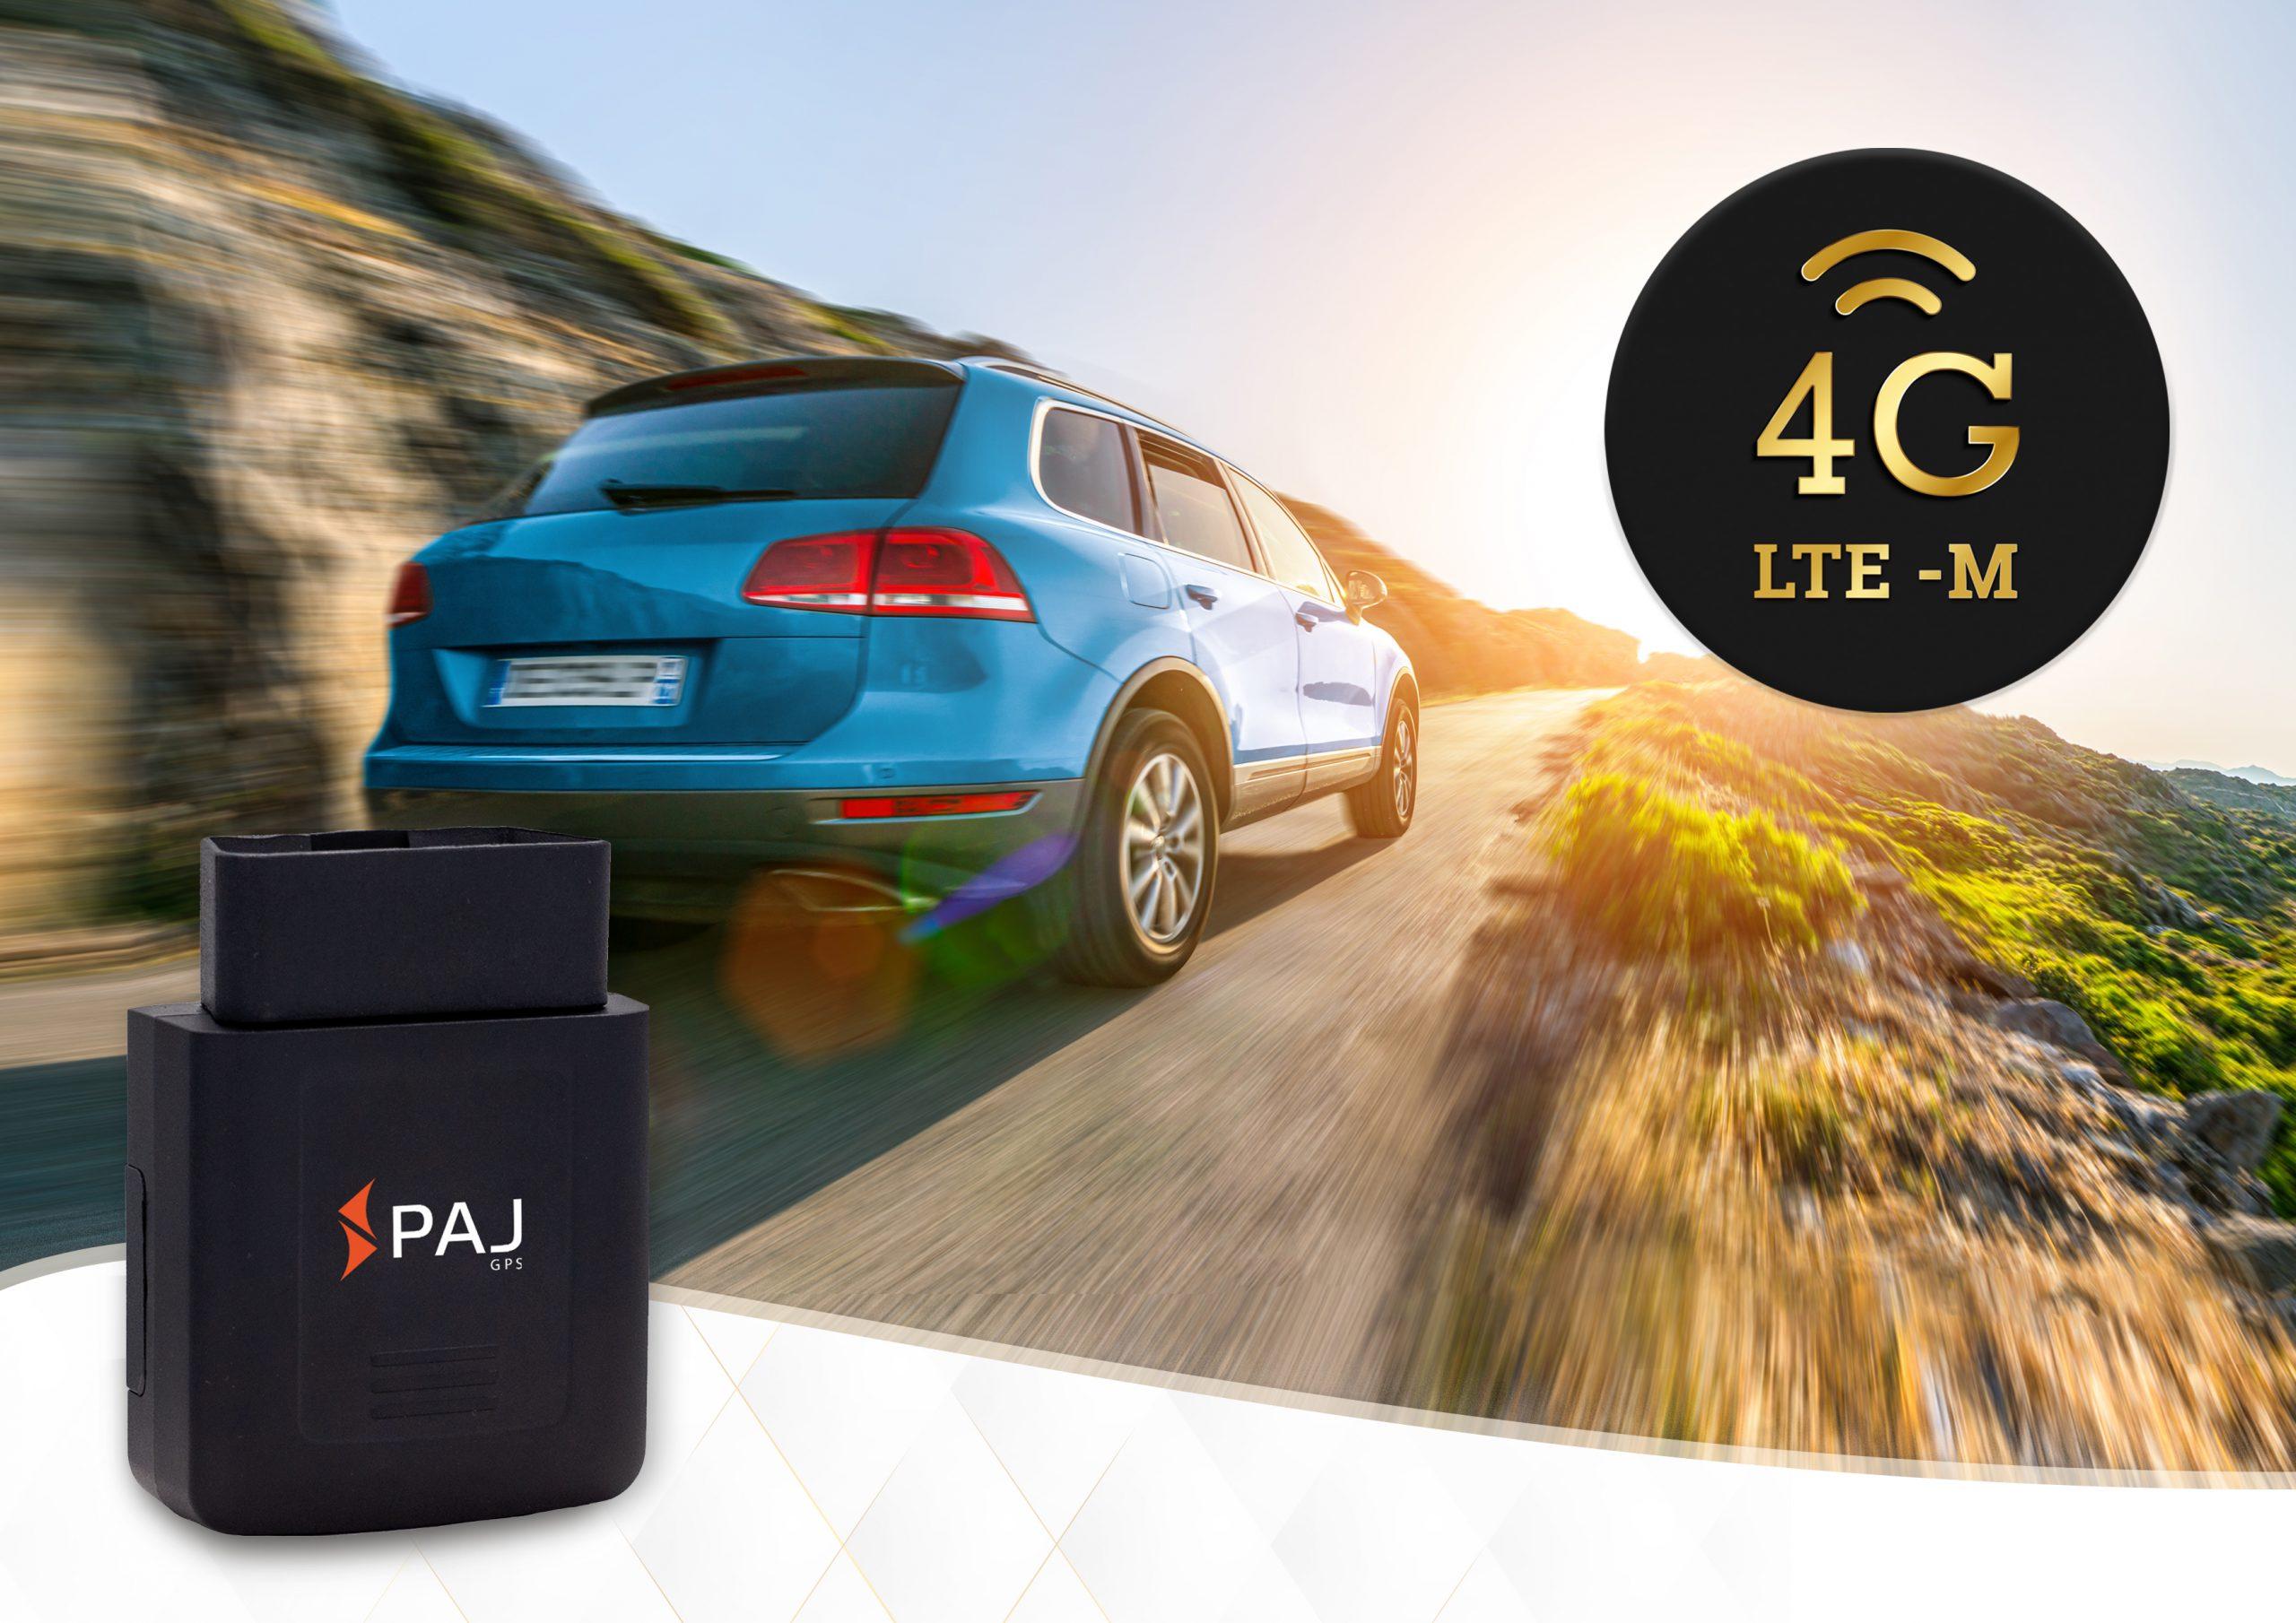 CAR OBD Finder 4G – PAJ GPS